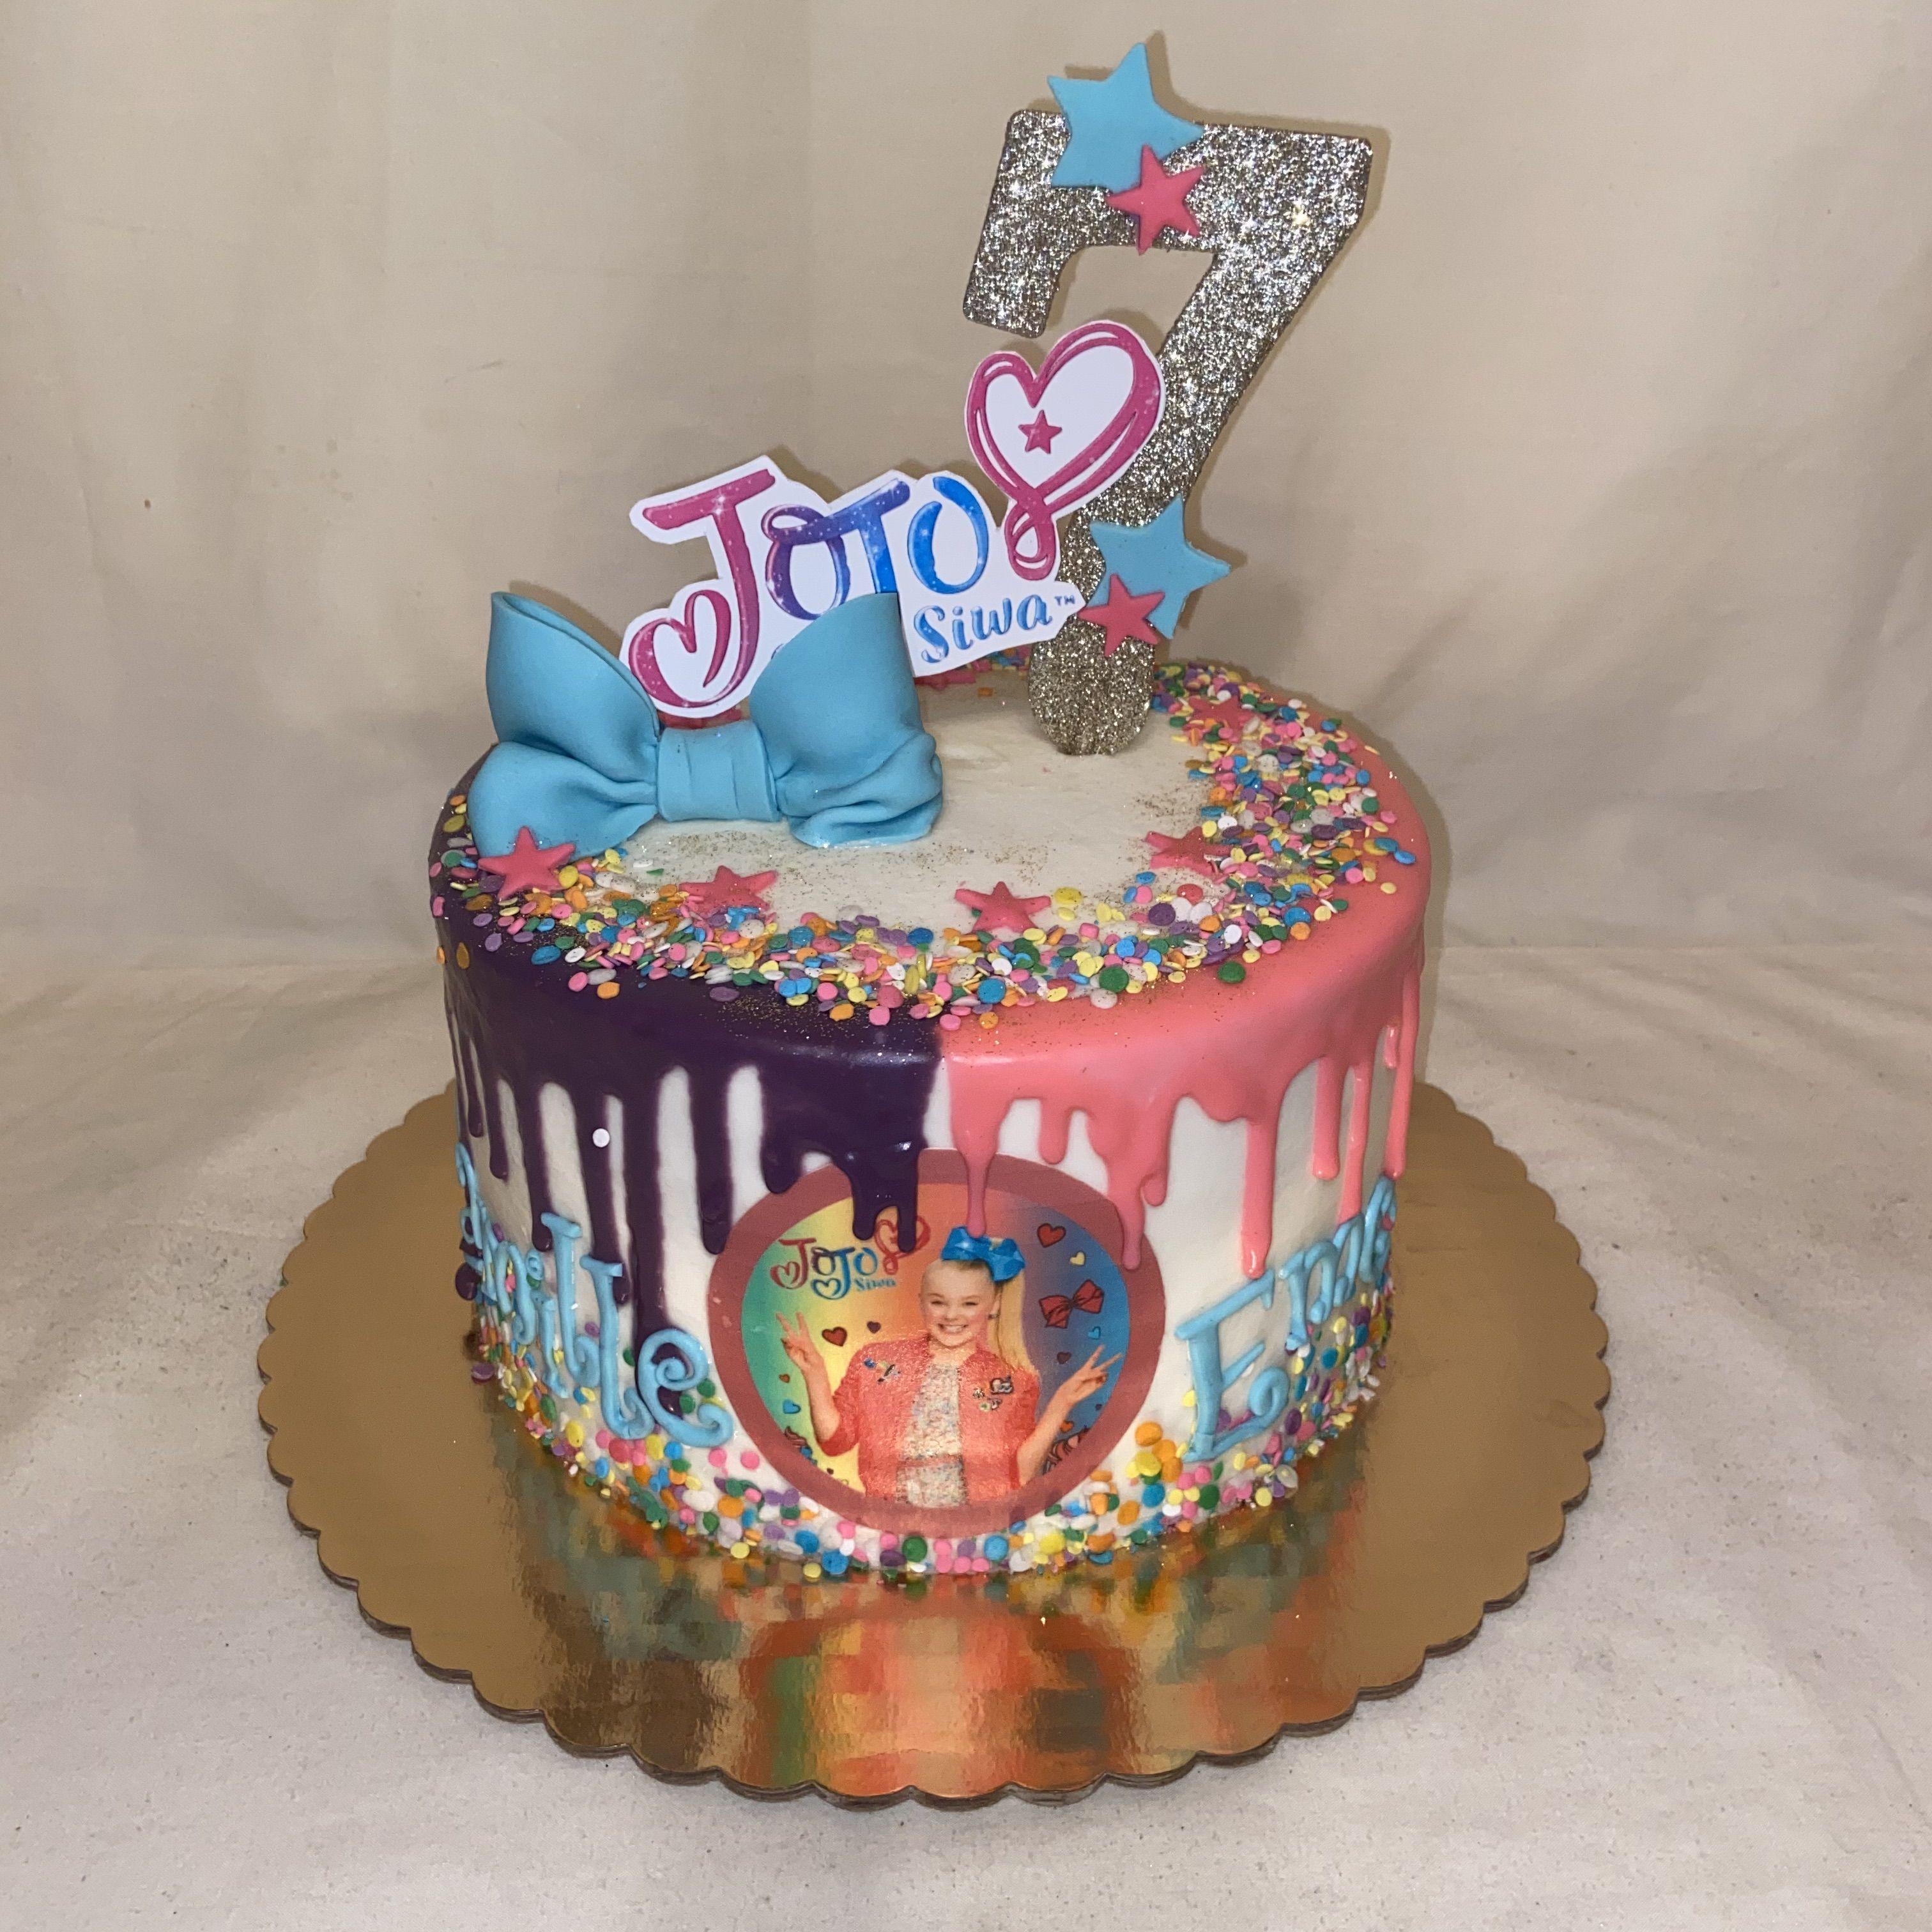 Jojo siwa cake in 2020 cake cake designs desserts